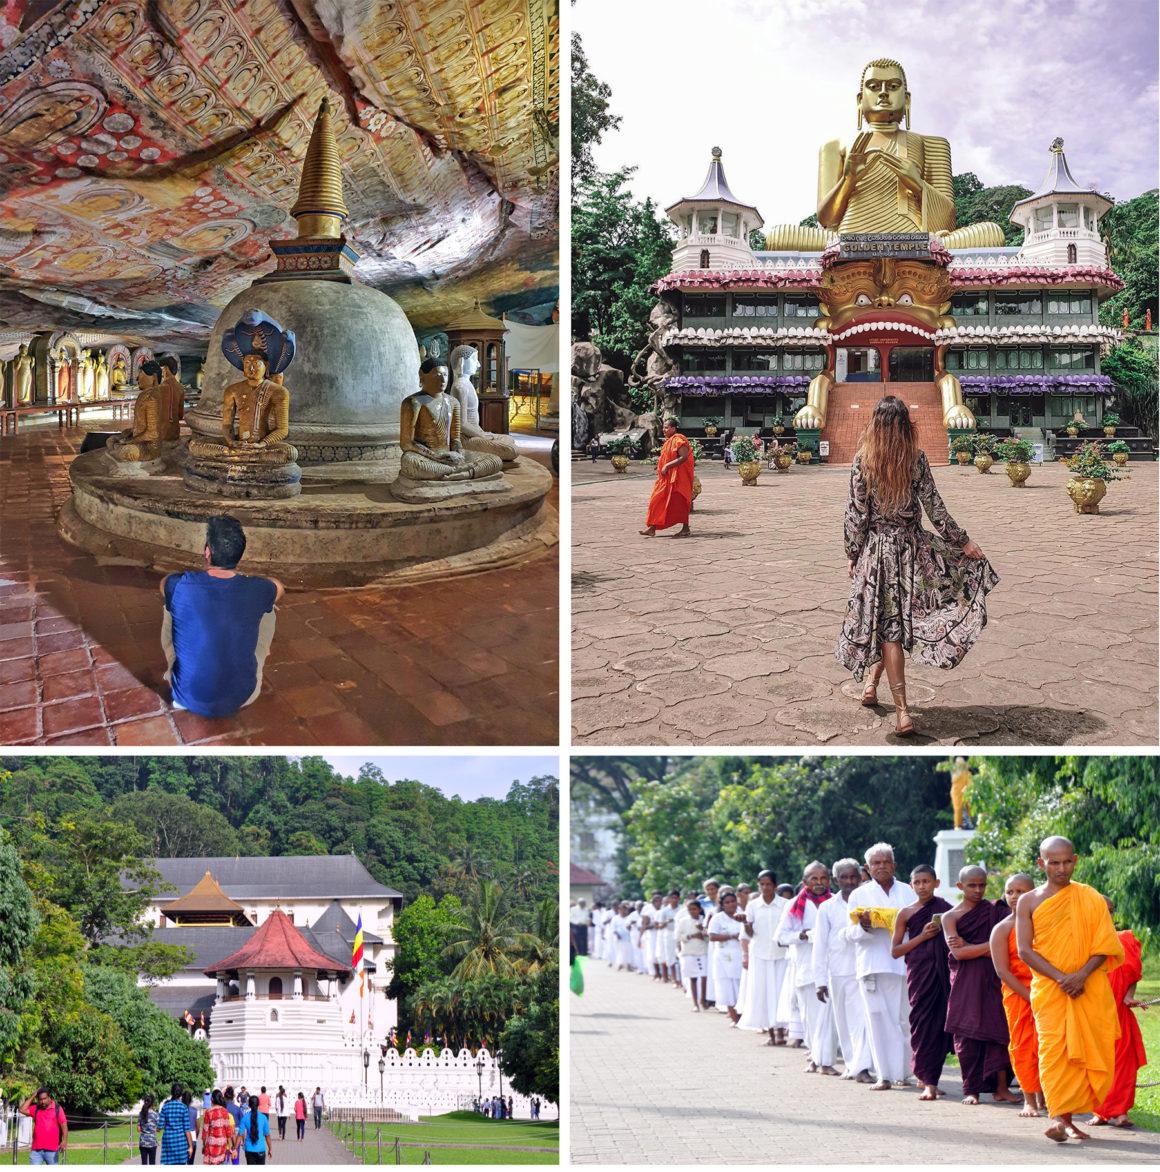 ruta por Sri Lanka en 8 días ruta por sri lanka en 8 días - thewotme dambulla sri lanka golden temple templo de oro 1160x1172 - Nuestra ruta por Sri Lanka en 8 días, diario de viaje